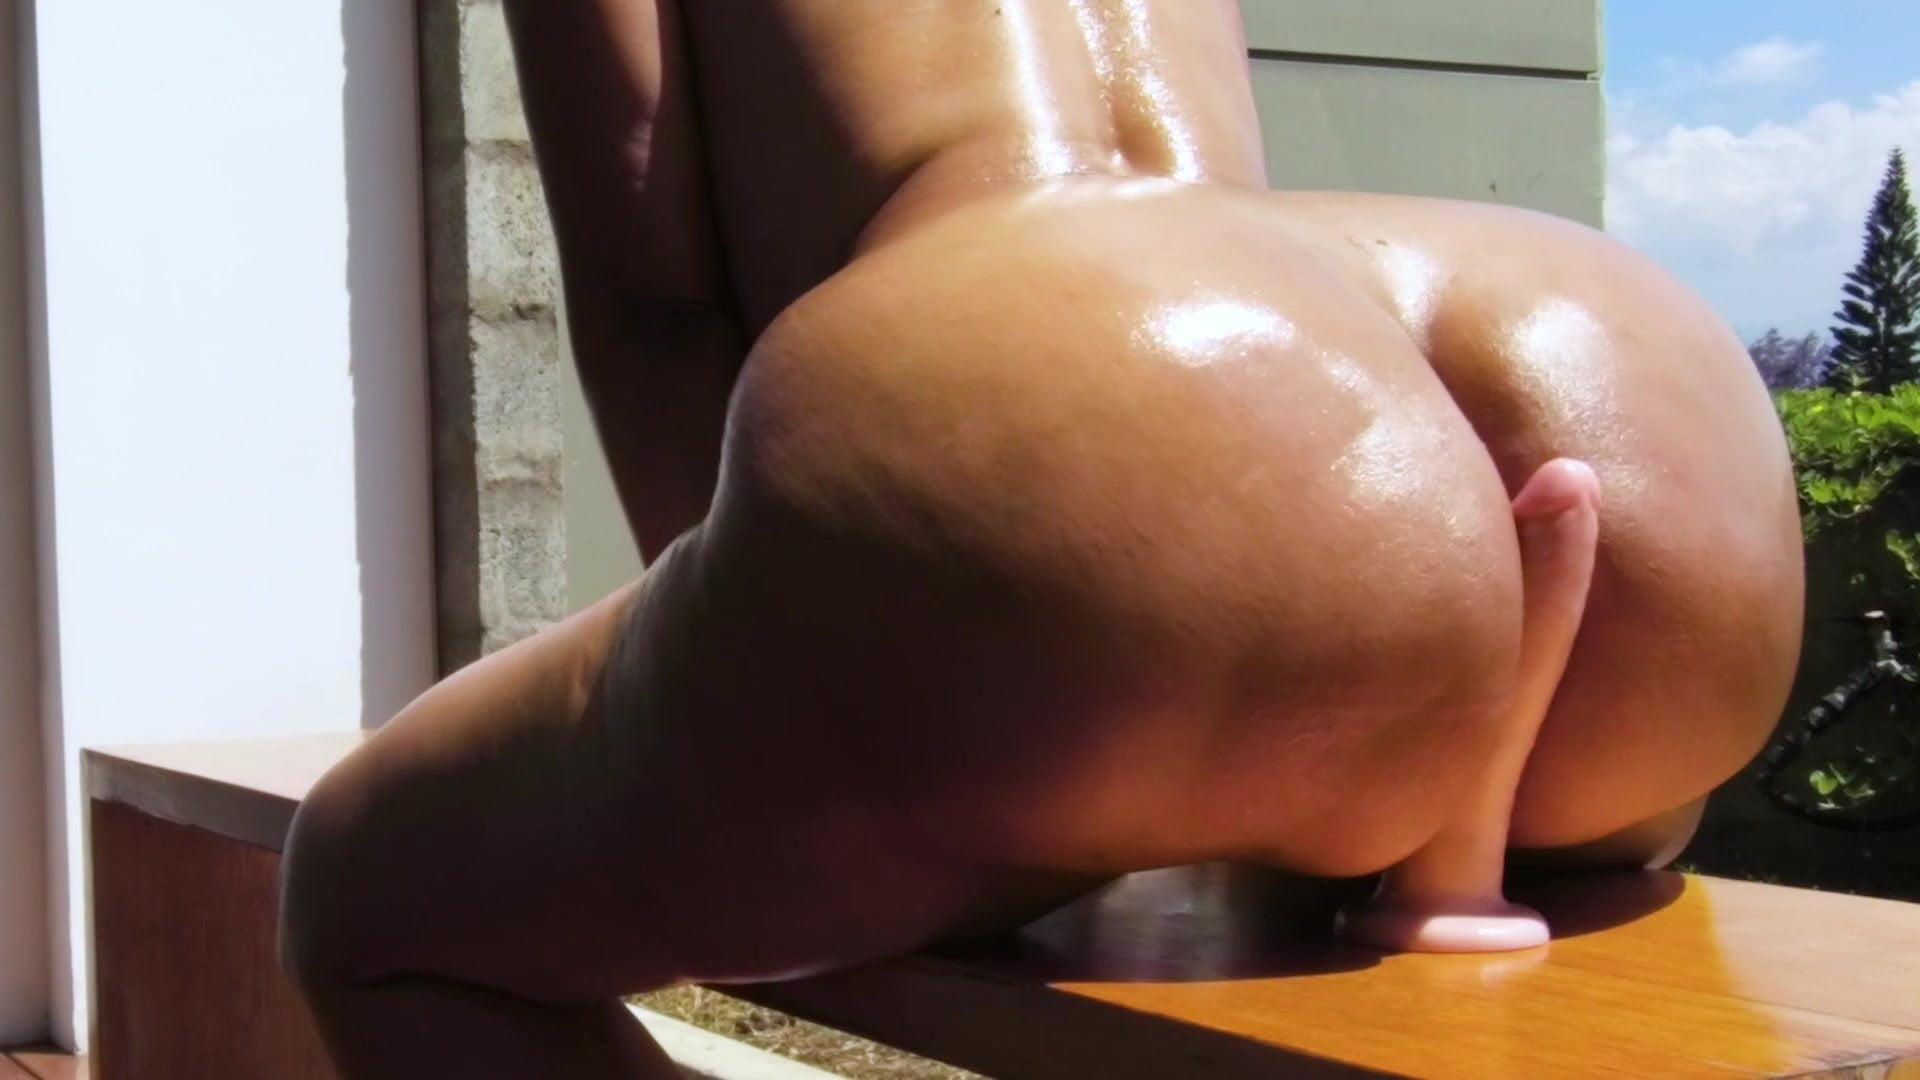 Big Ass Blonde Riding Dildo